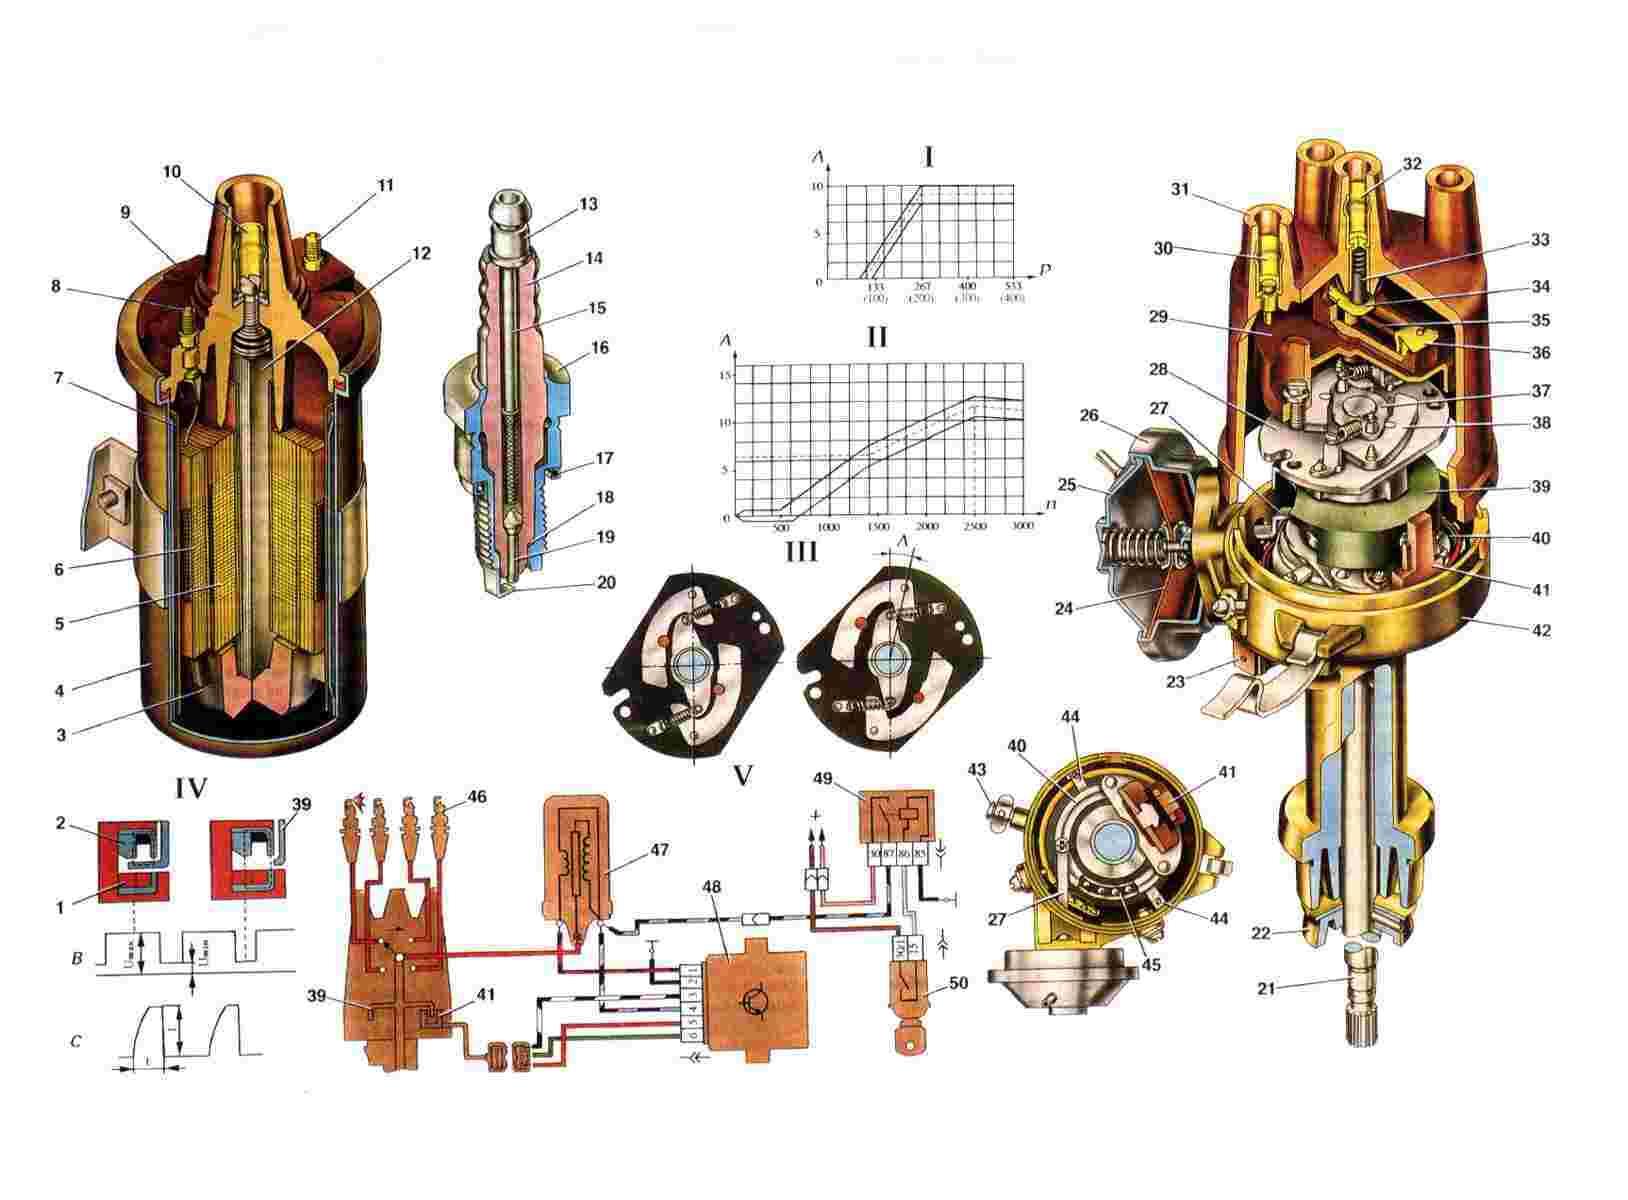 Система зажигания: 1. Полупроводниковая пластина с интегральной микросхемой; 2. Постоянный магнит; 3. Изолятор; 4...